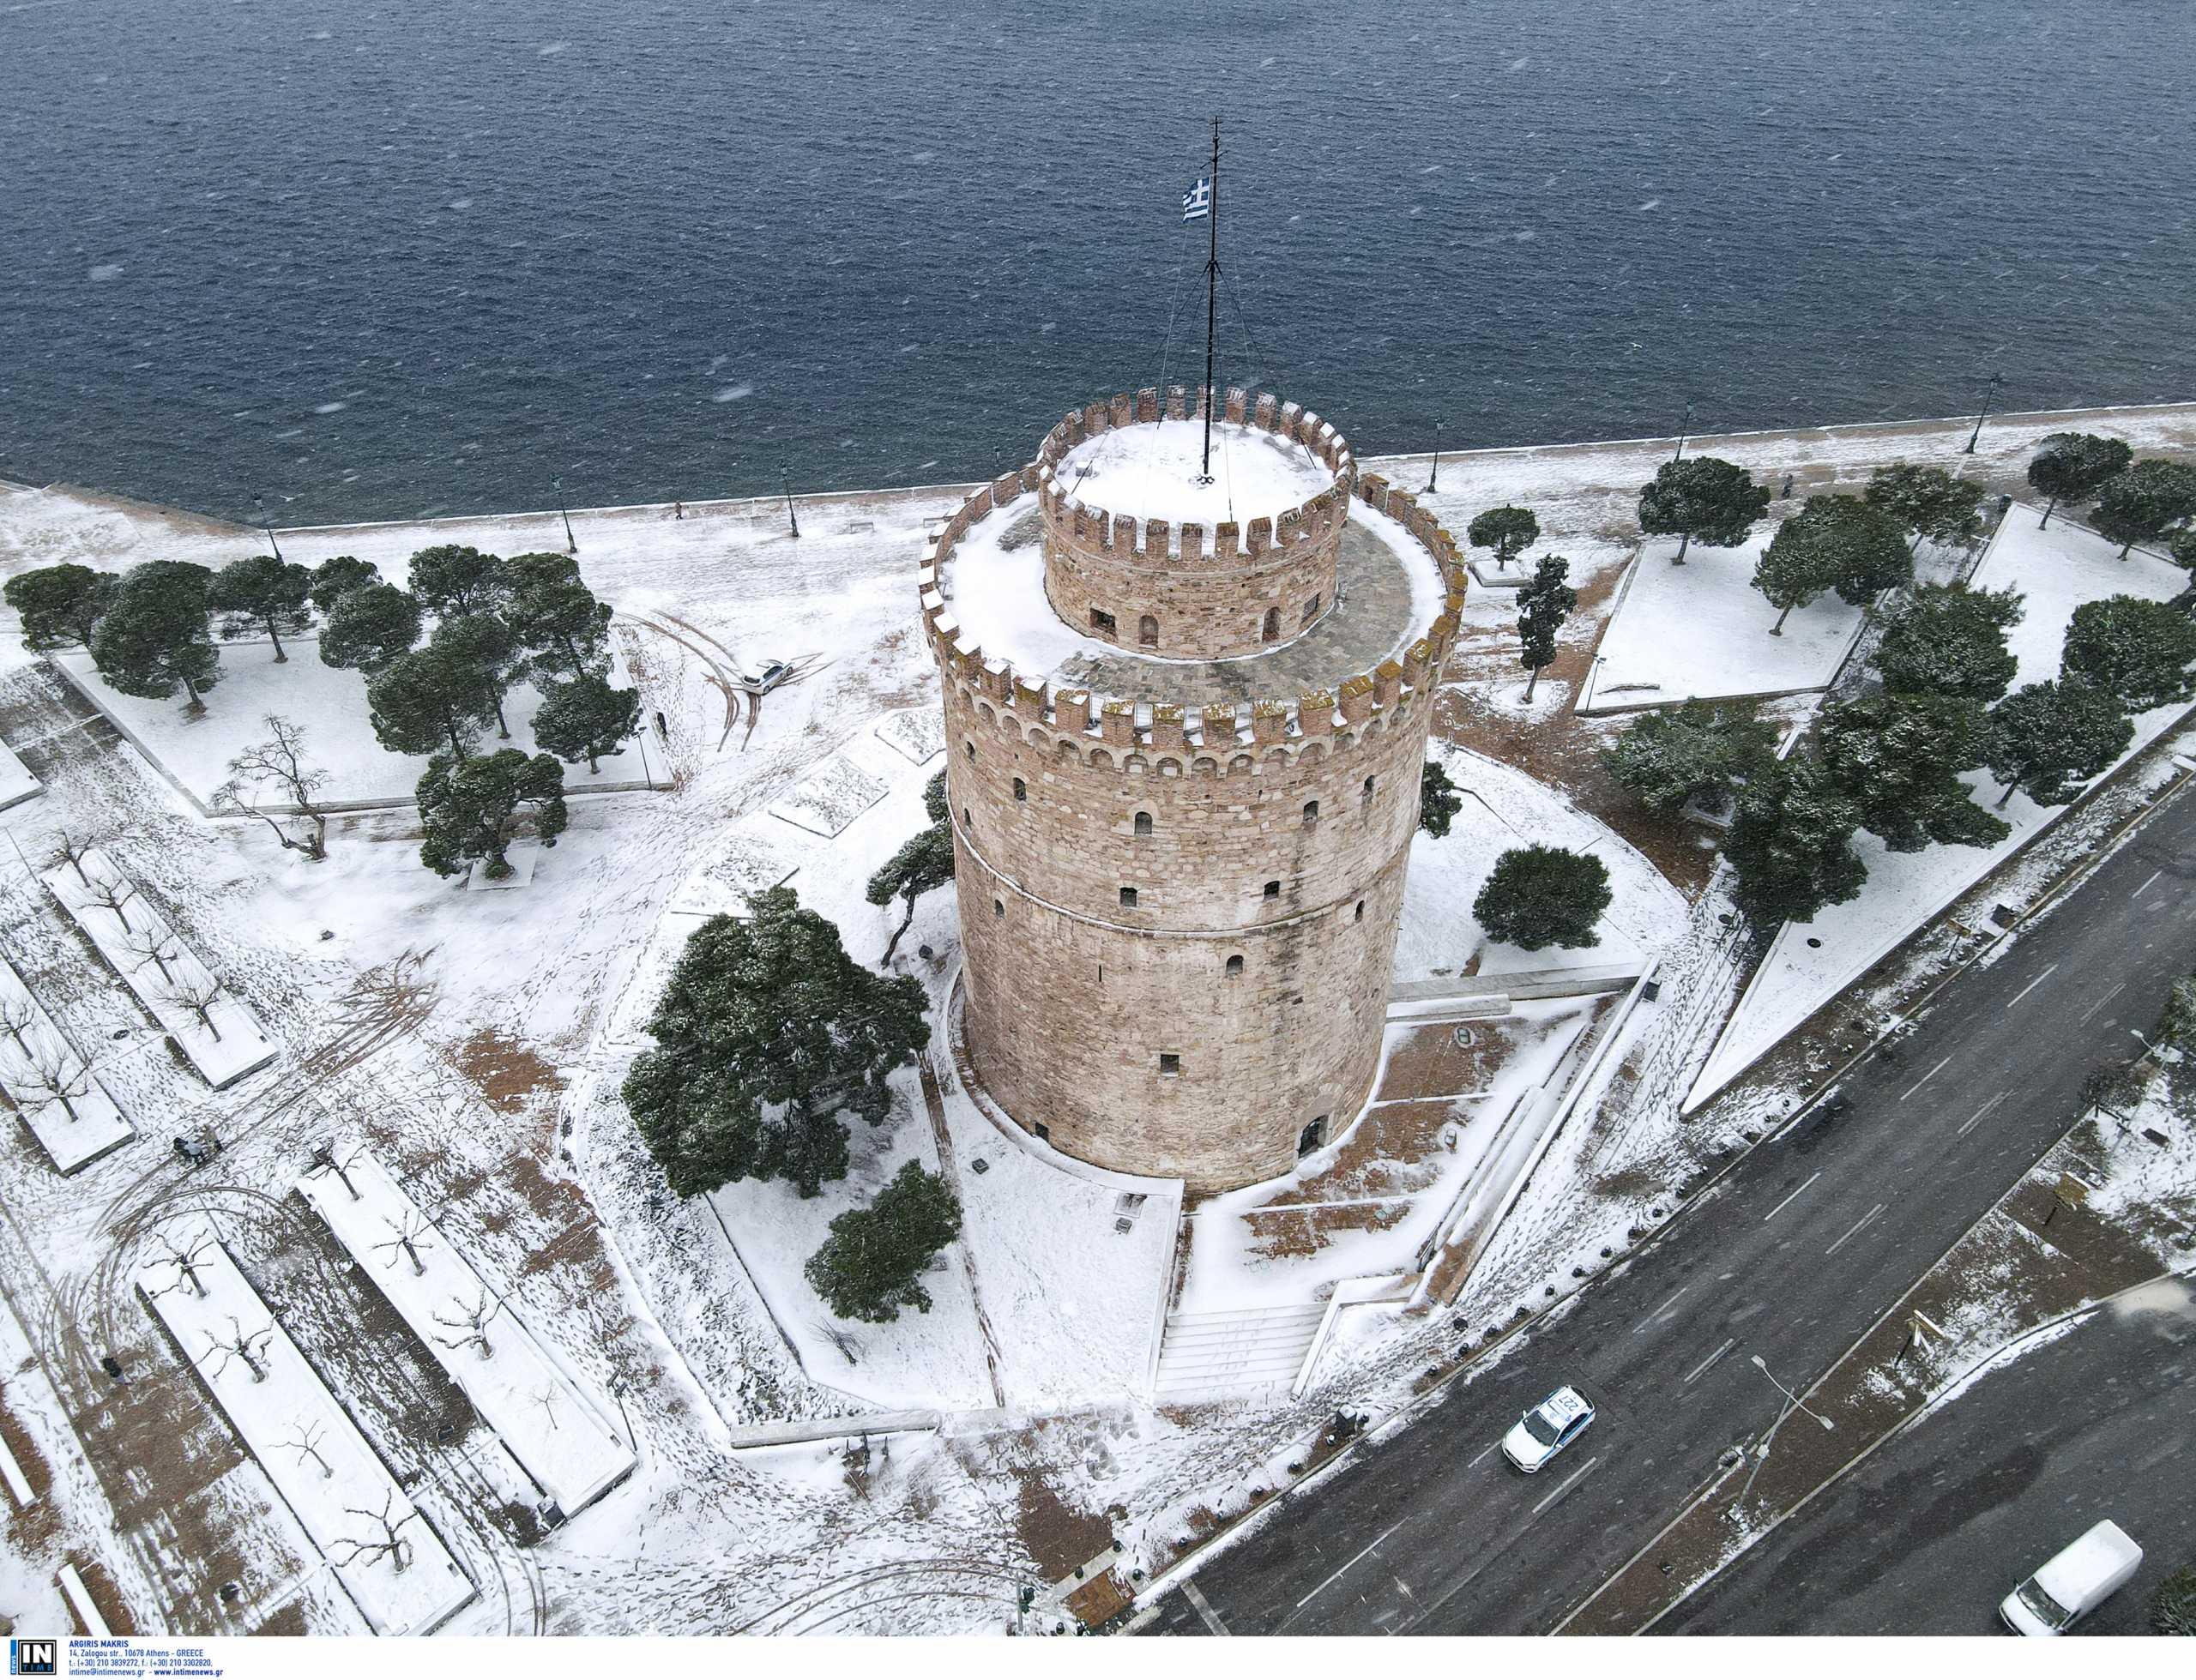 Θεσσαλονίκη: Τα λύματα σοκάρουν! Αύξηση του κορονοϊού κατά 345% σε ένα μήνα (pics)